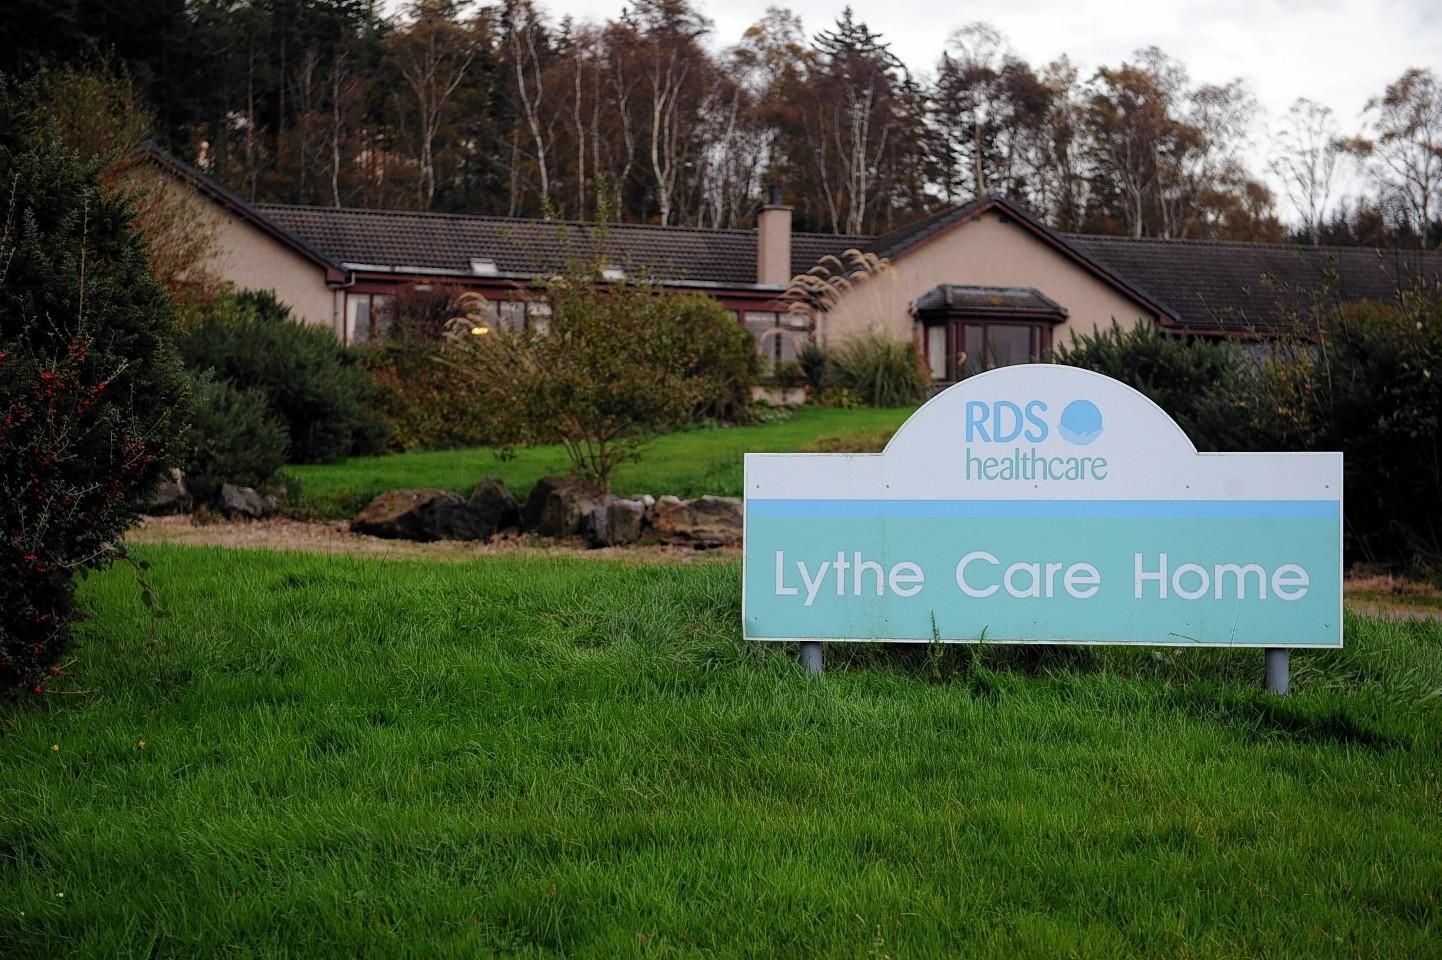 Lythe Care Home